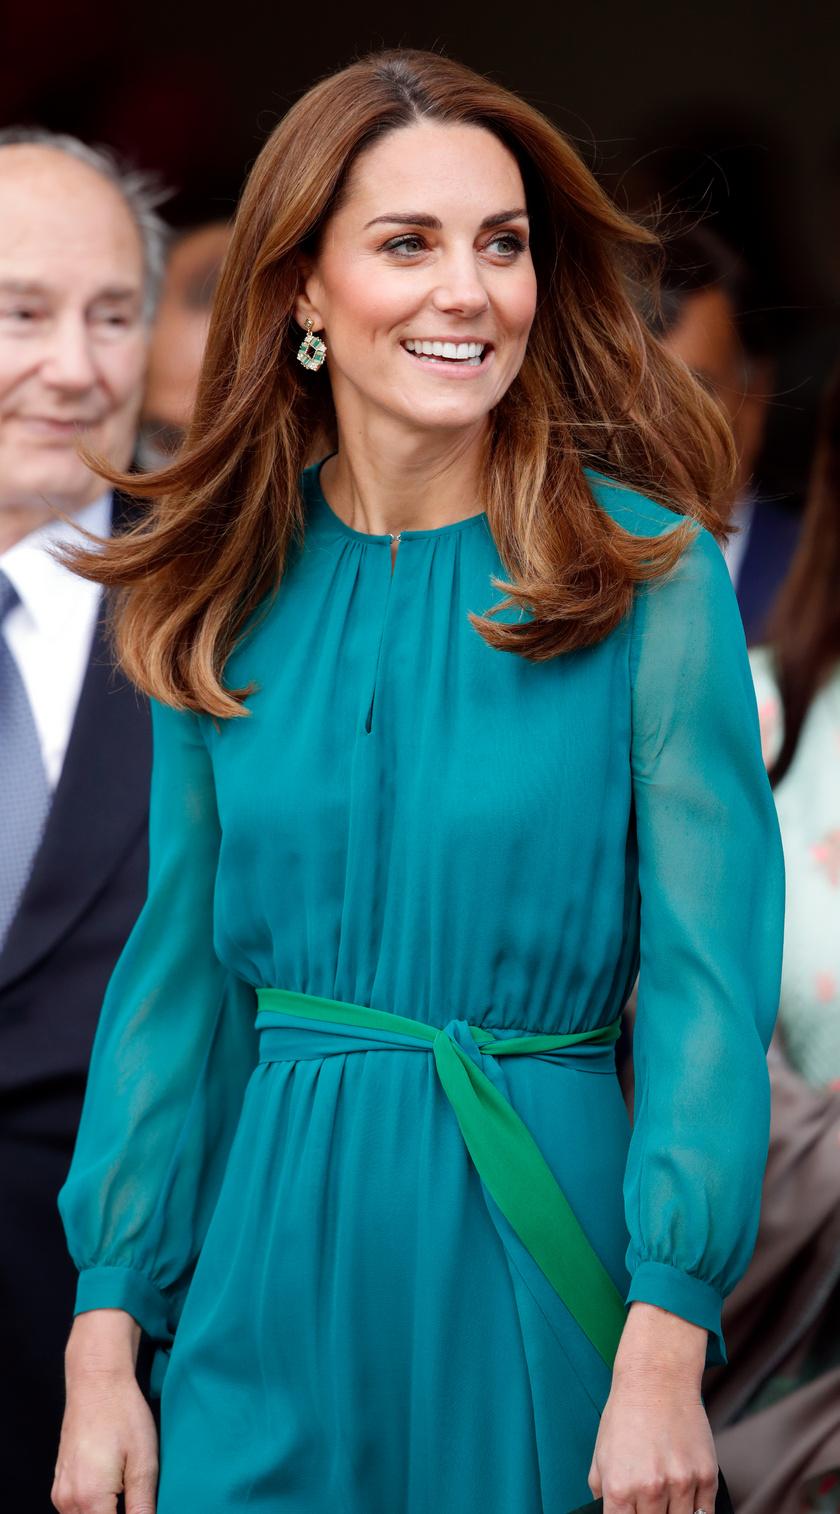 Katalin hercegné csodásan festett ebben az élénk színű összeállításban.